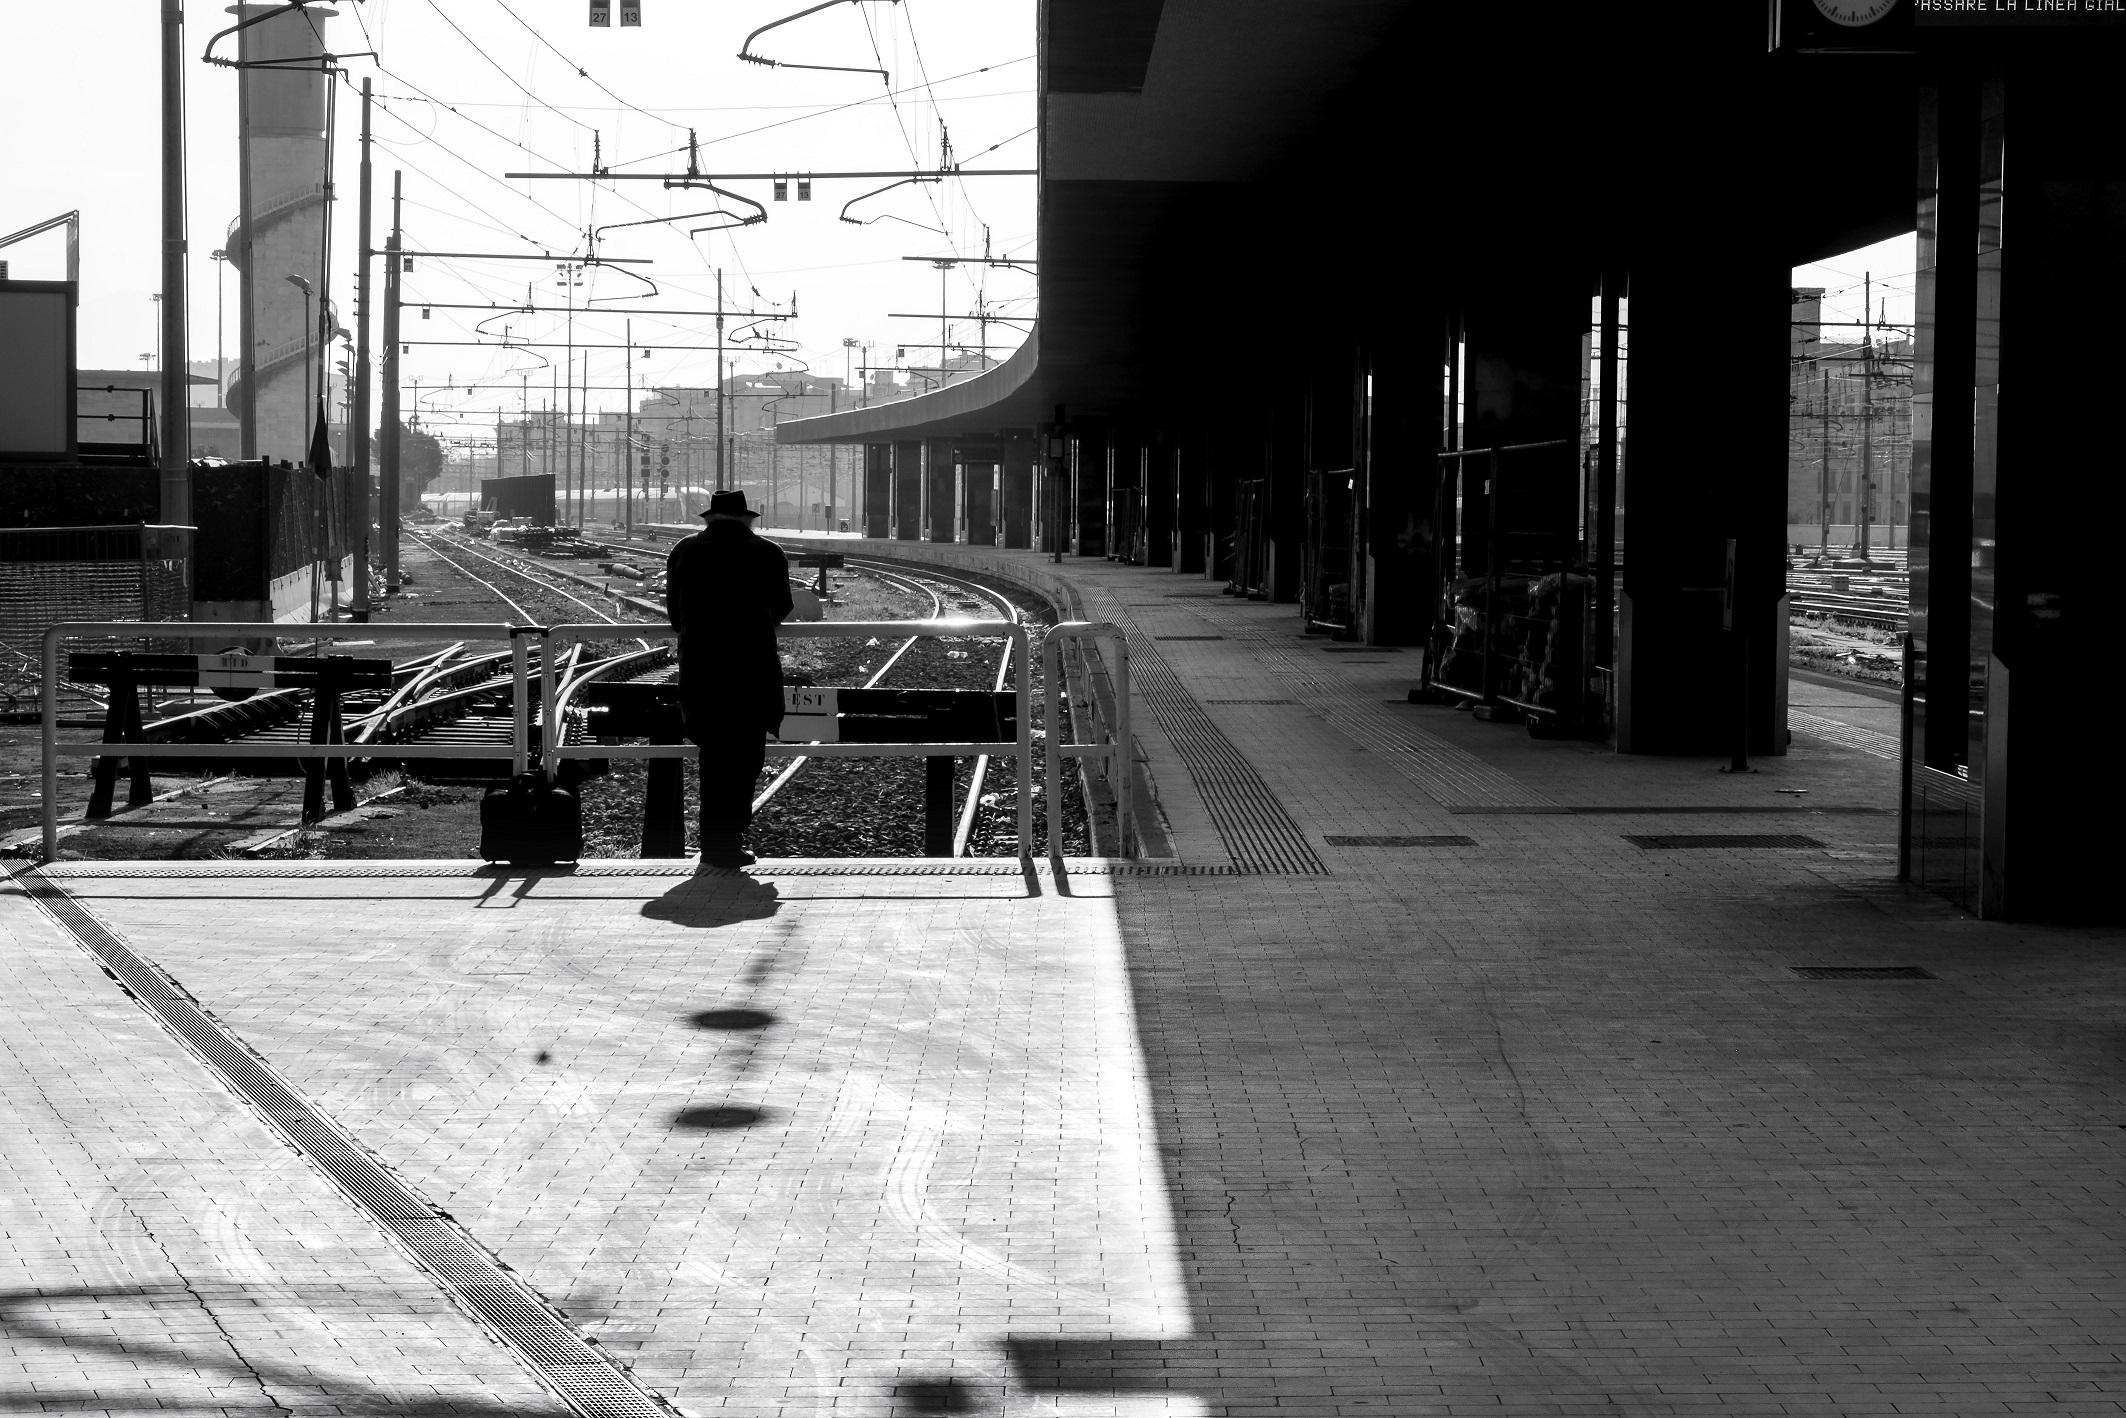 Fotografia captada em Roma, de Boris Kossy, que estará na exposição que comemora 50 anos de carreira do fotógrafo - Boris Kossoy/Divulgação/ND